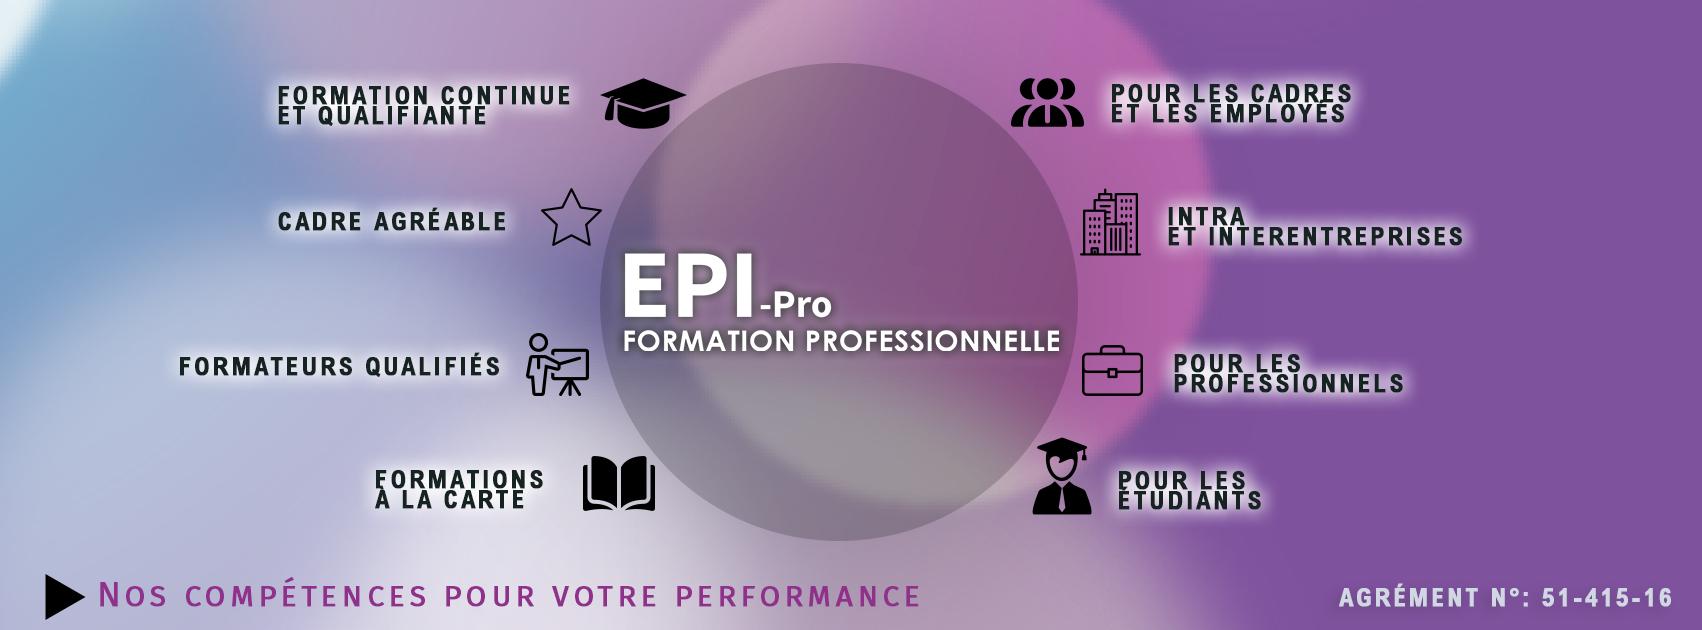 EPI-PRO